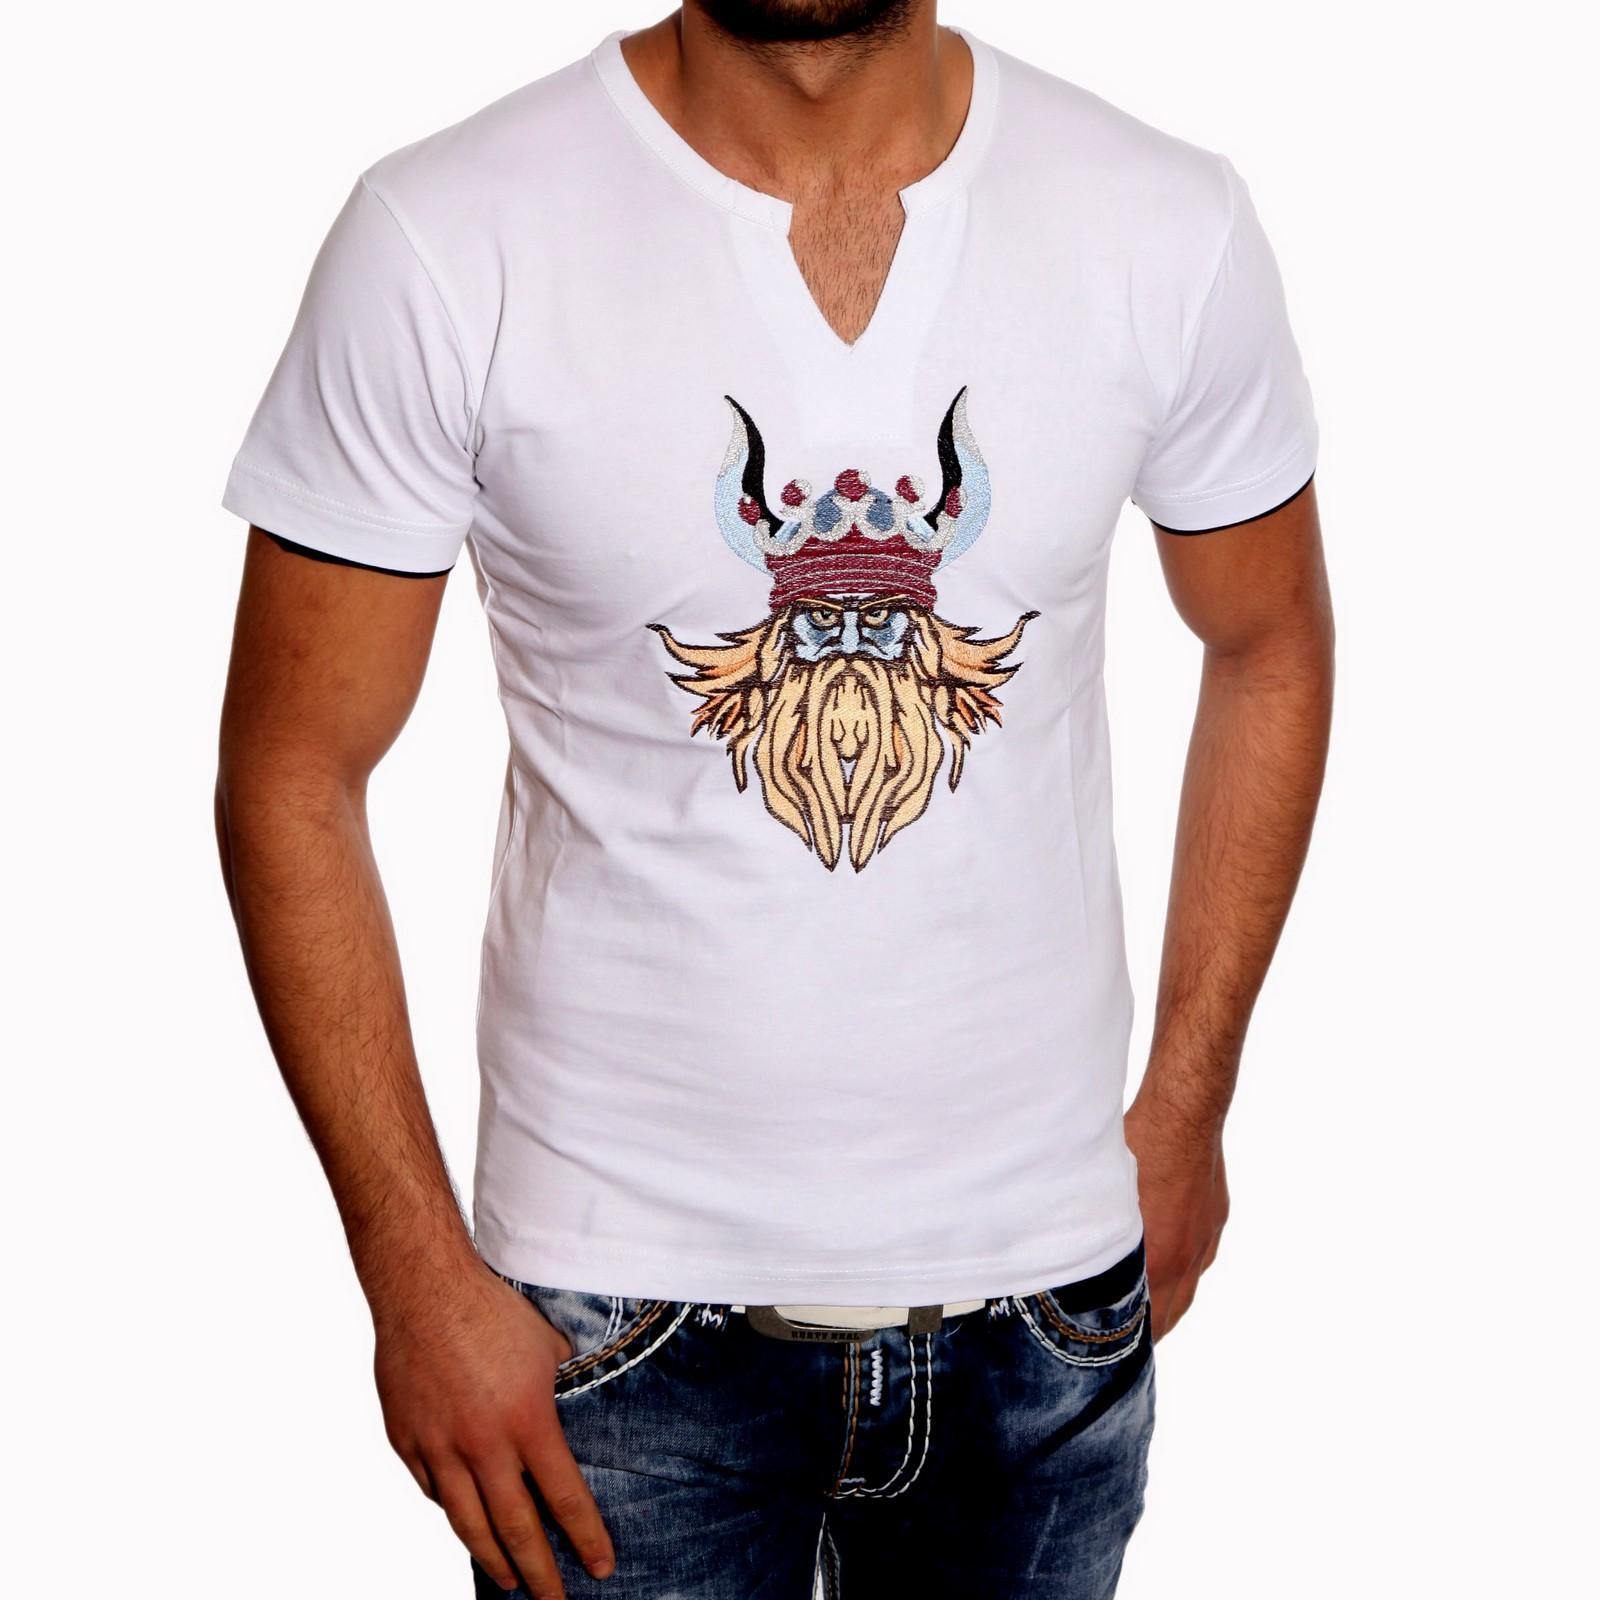 T-Shirt Weiss 2730 Rusty Neal